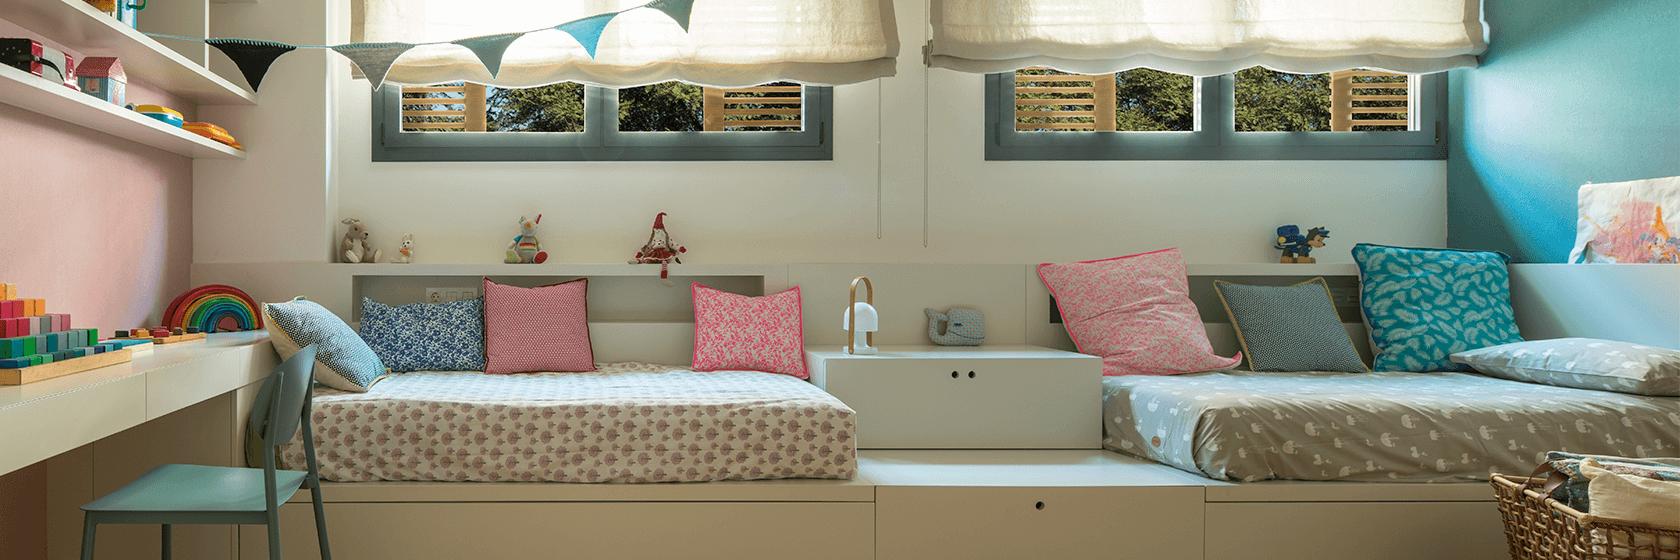 Idees per decorar habitacions infantils | The Room Studio